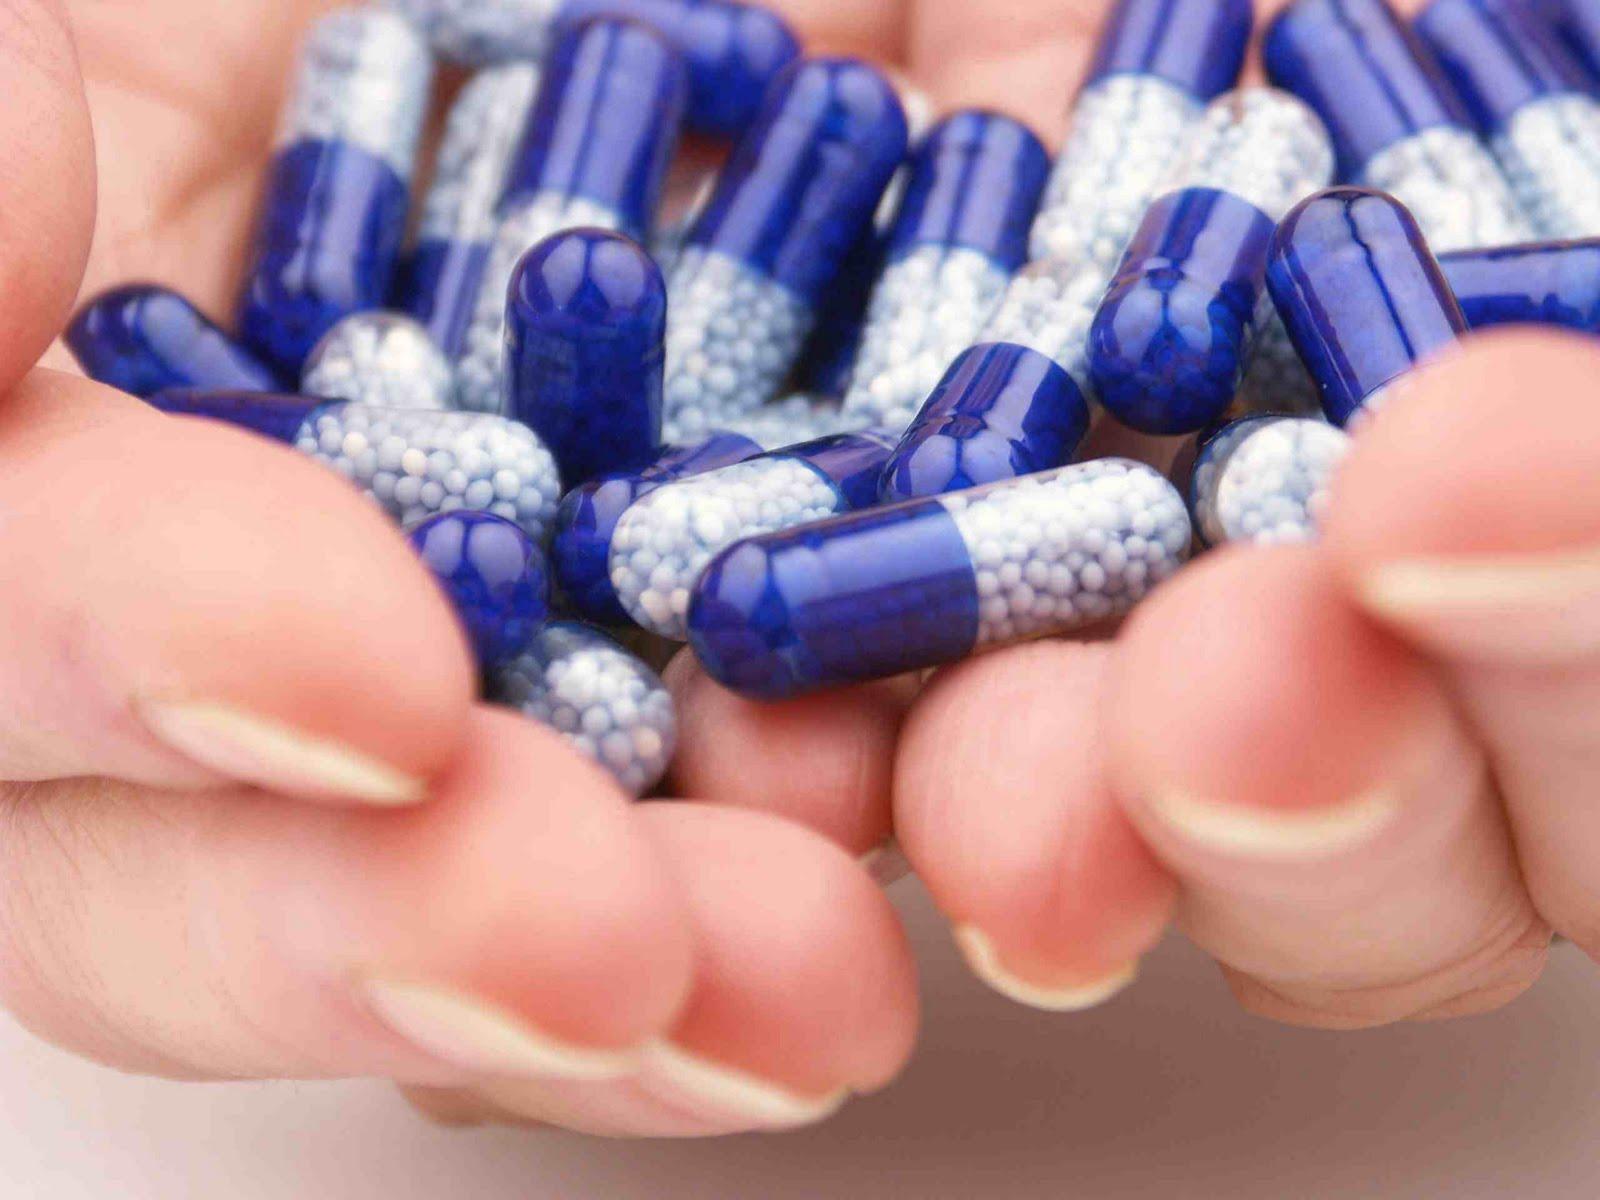 Polietileno glicol e eletrólitos (Oral)